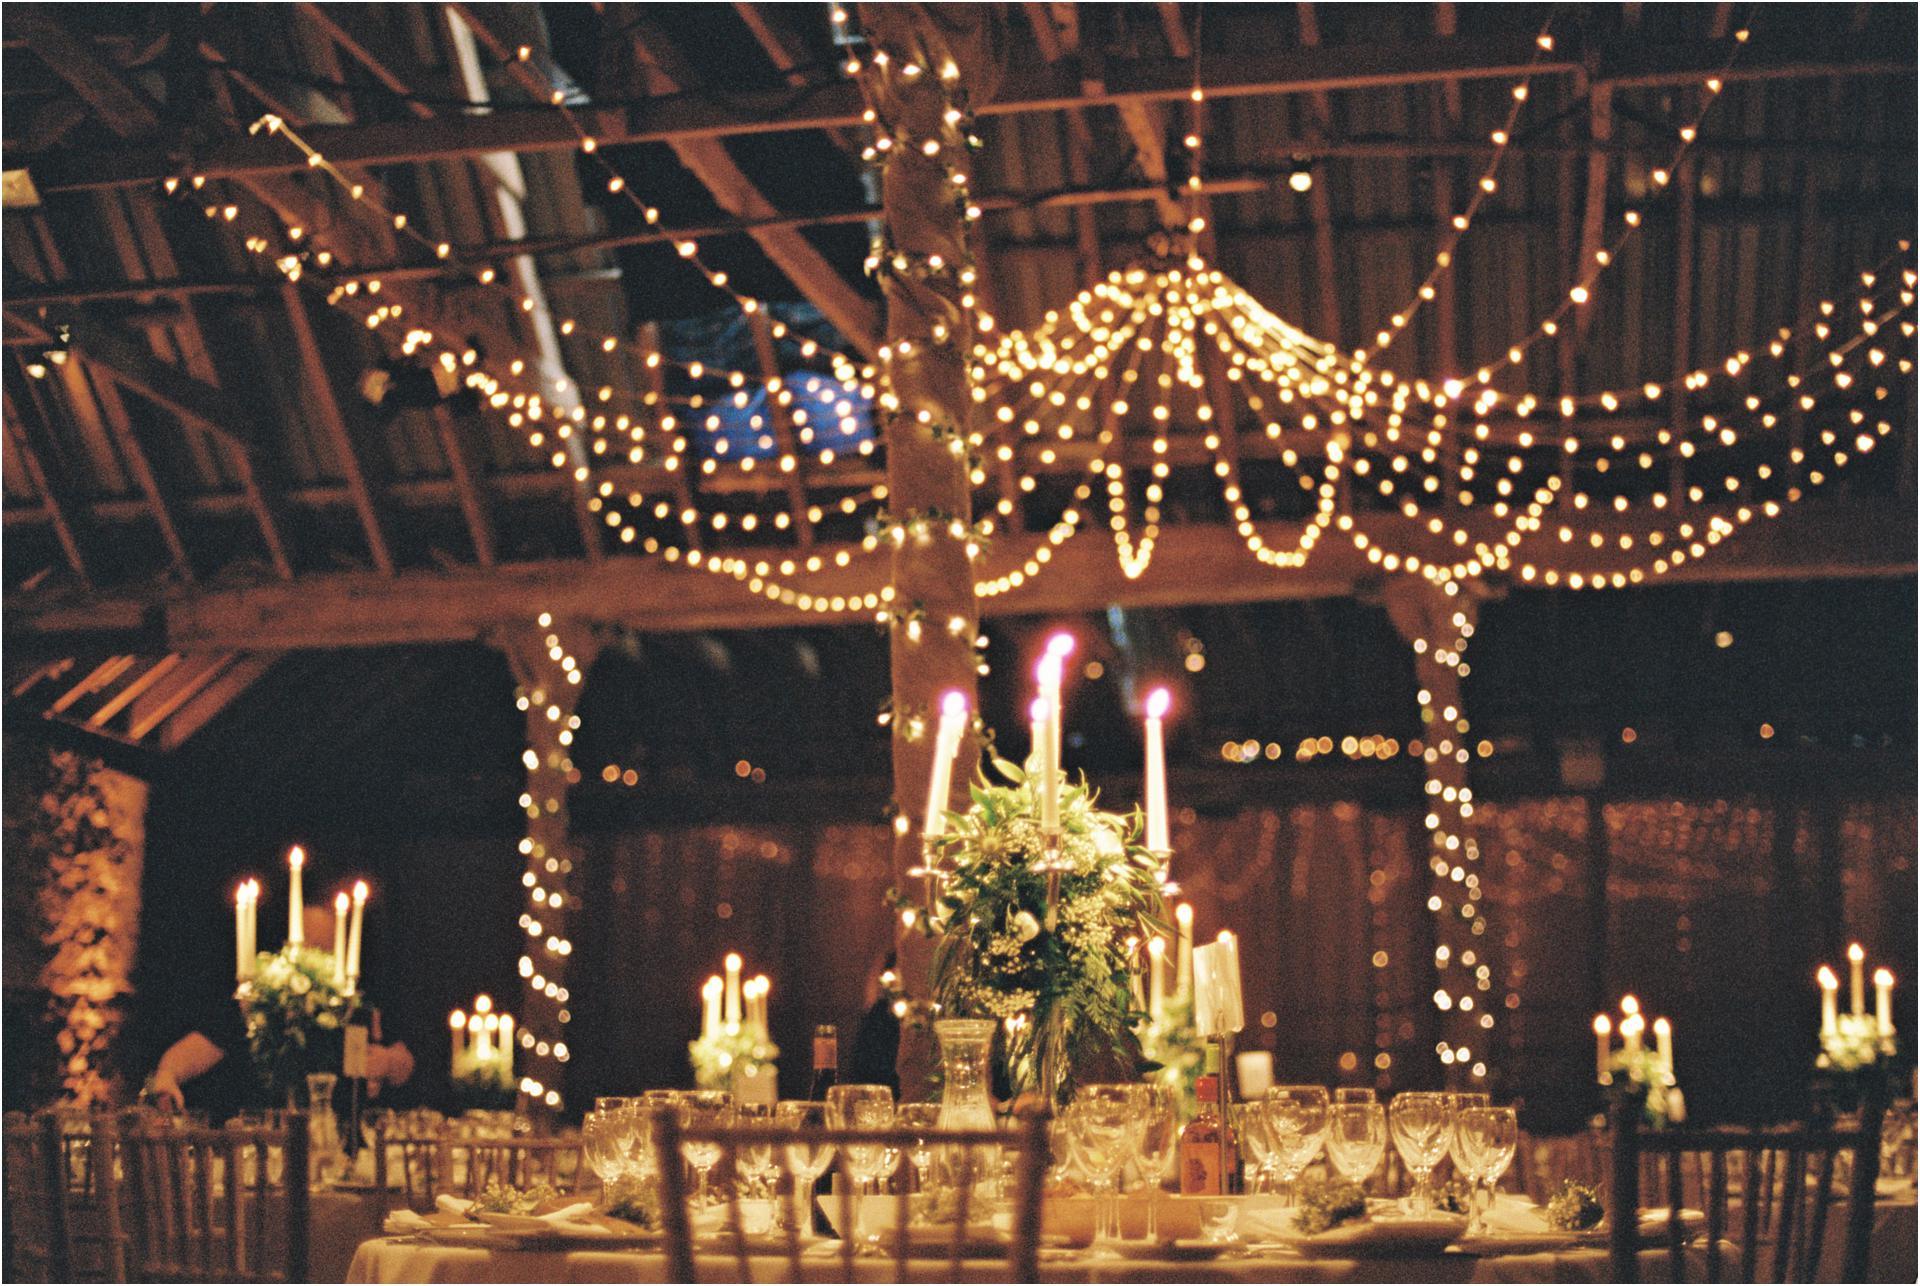 weddingsonfilmphotosbyzoe72